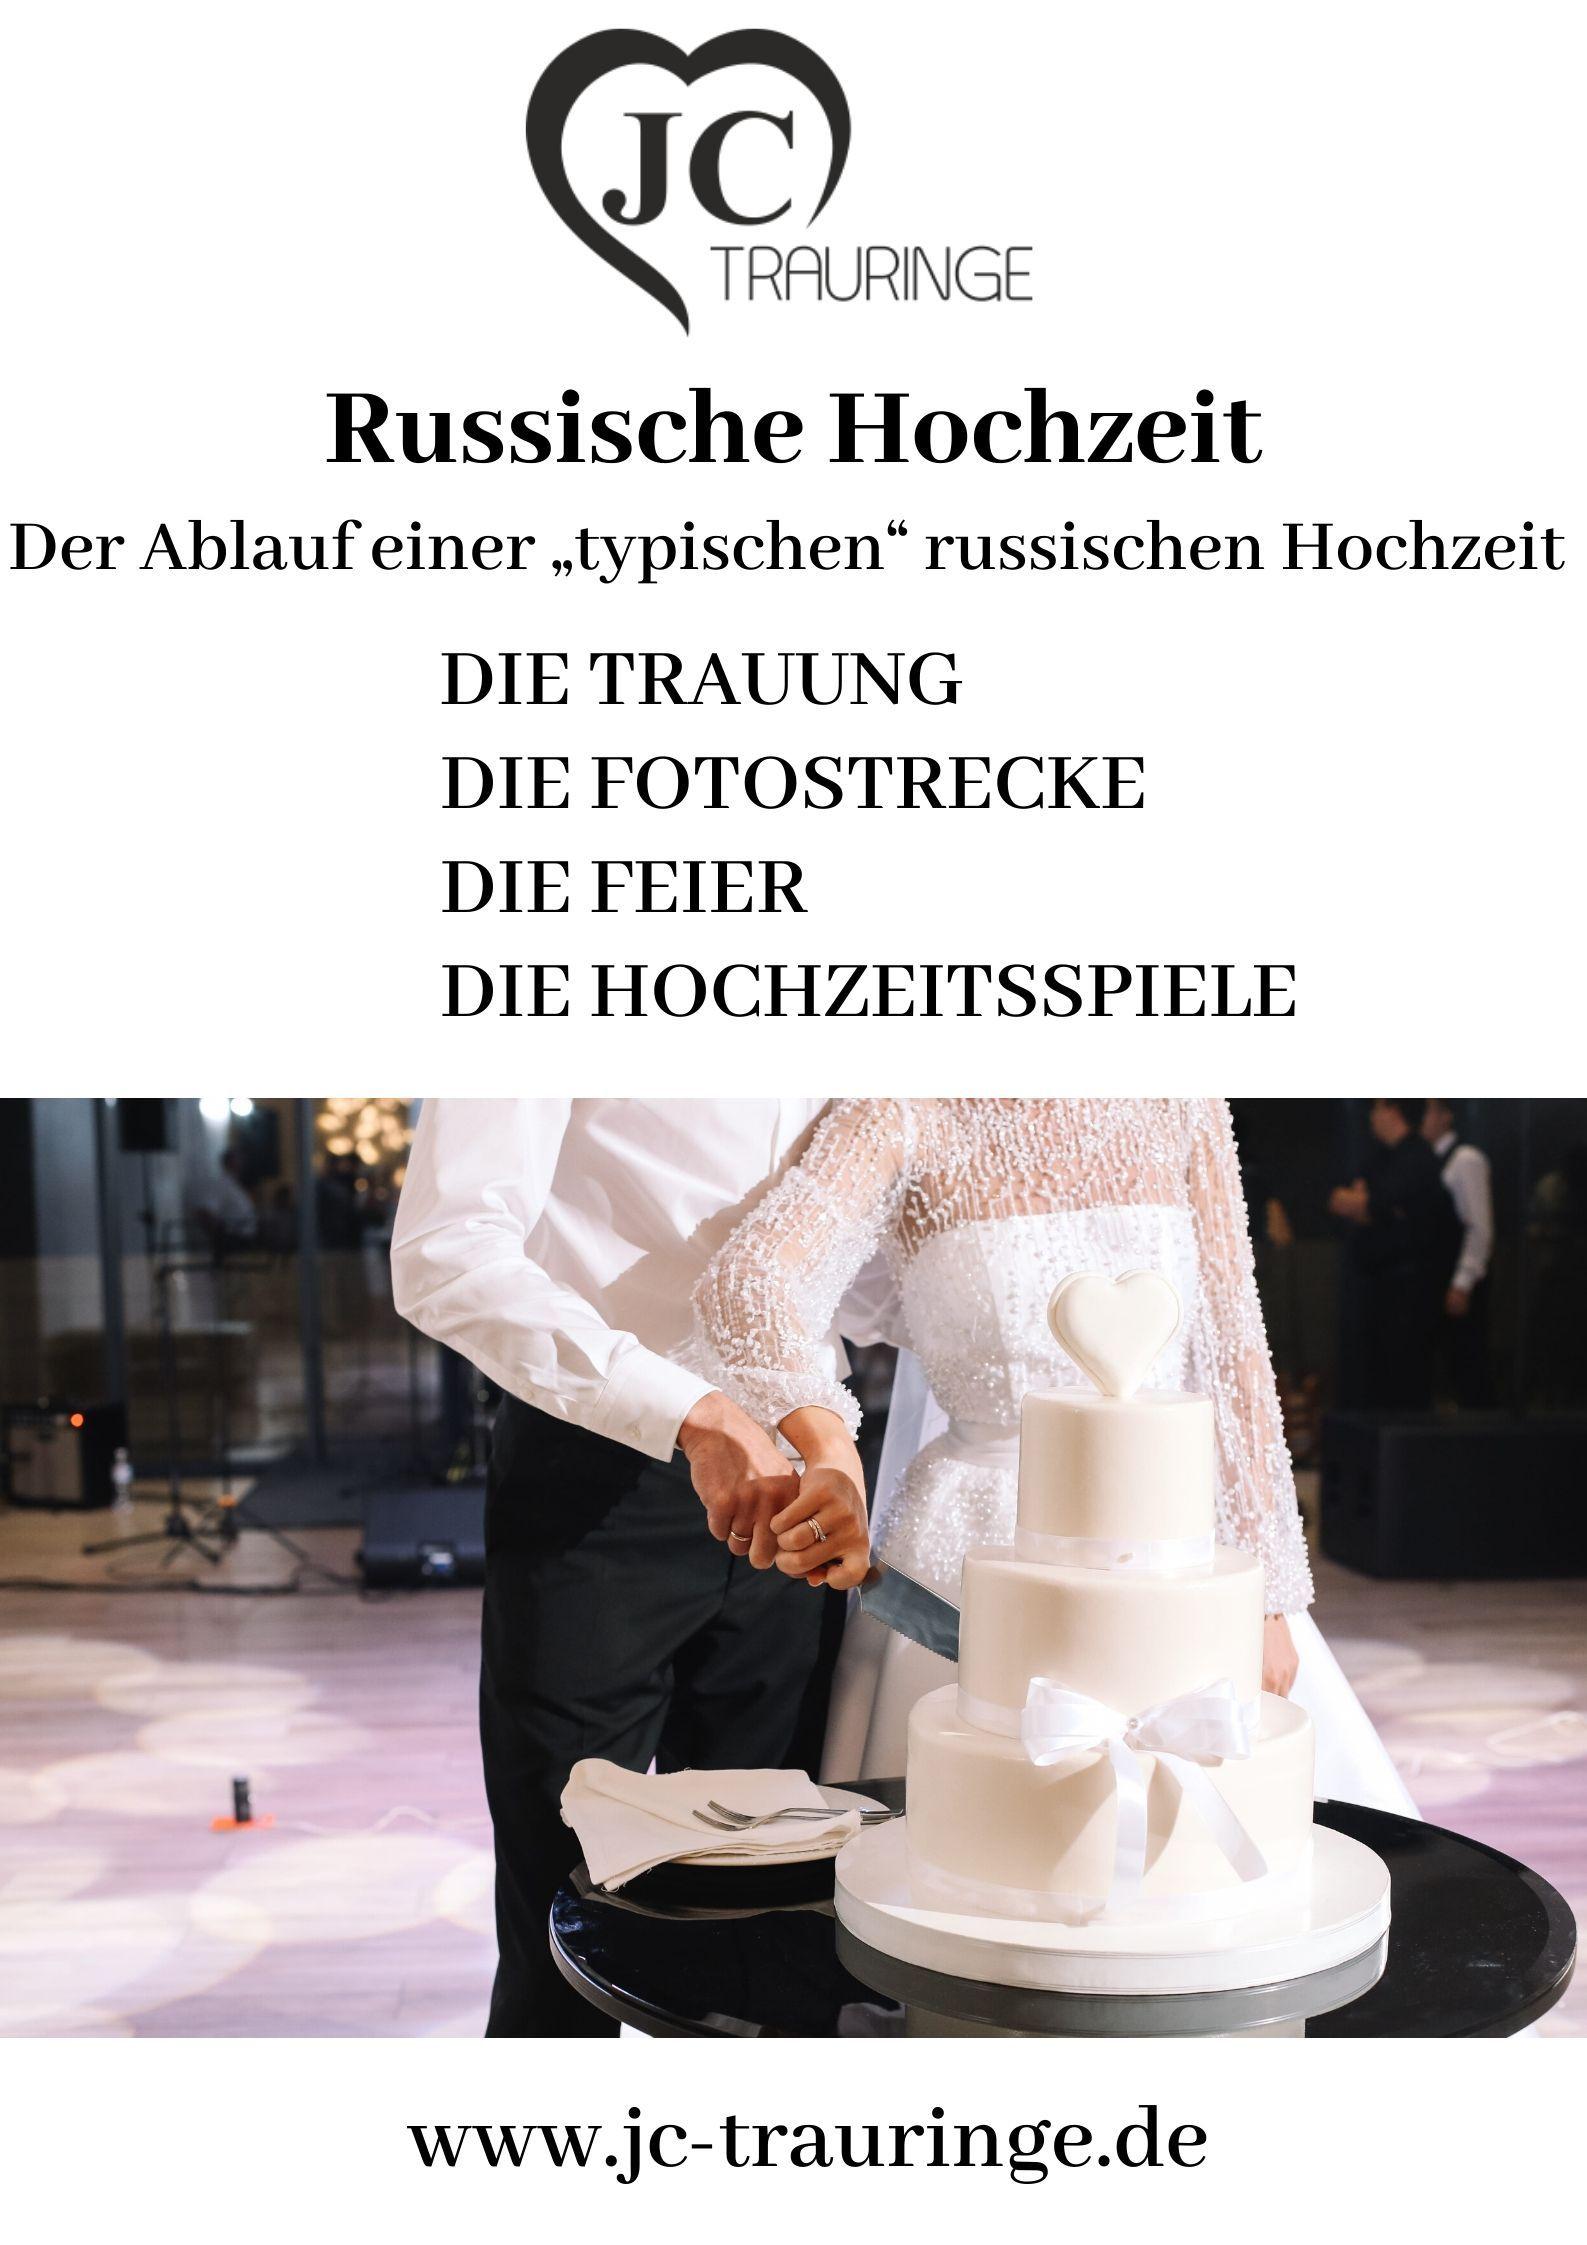 Russische Hochzeit In Deutschland Alles Uber Russische Hochzeitsbrauche Fur Moderne Brautpaare Hochzeit Ablauf Russische Hochzeit Hochzeit Brauche